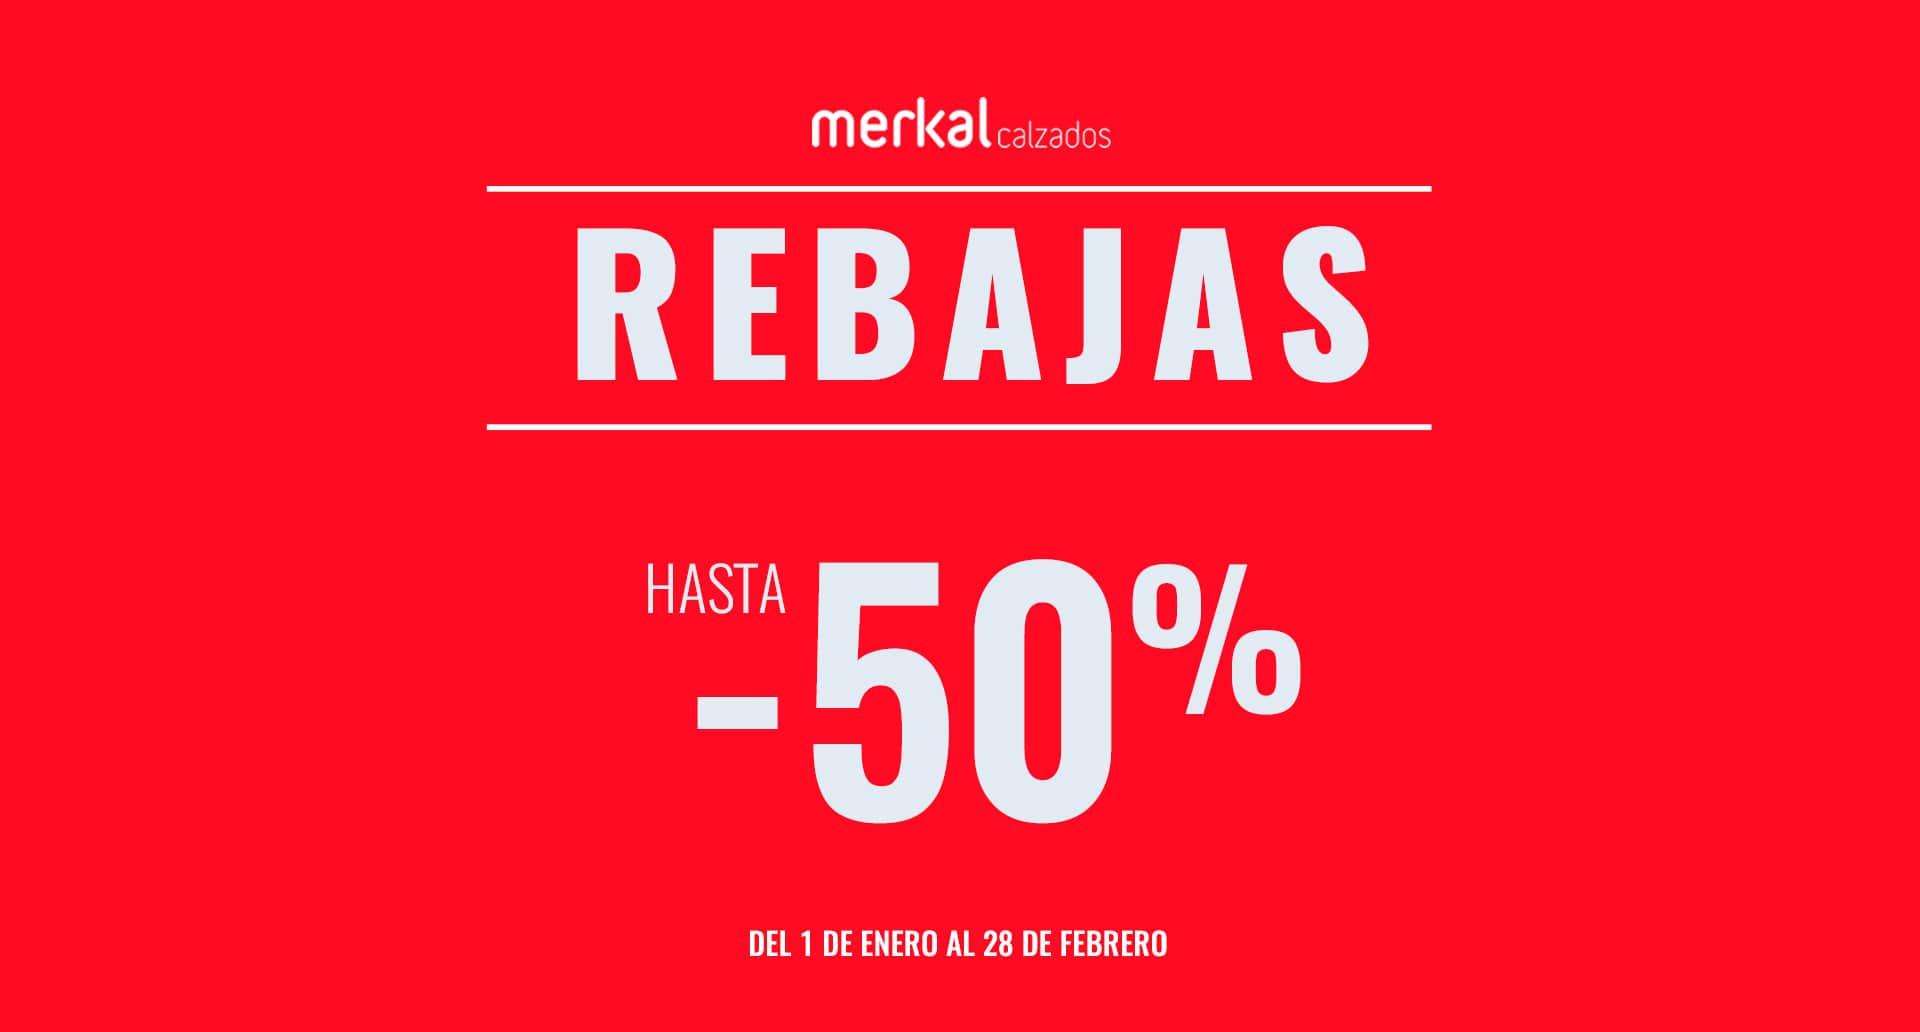 Soldes jusqu'a -50% á Merkal Calzados